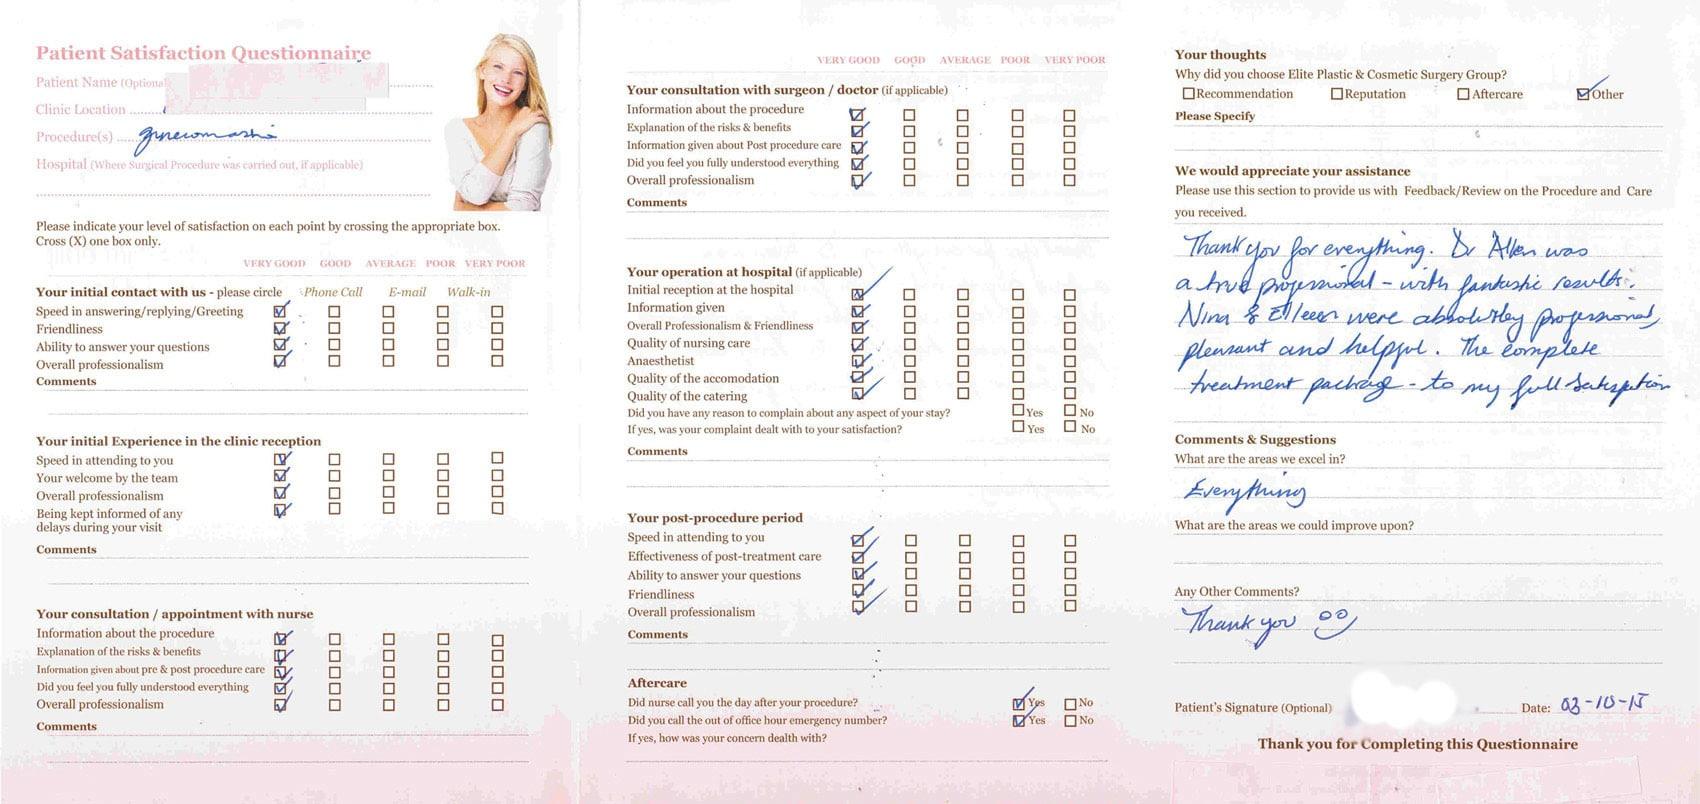 gynecomastia-allen-rezai-03.10.15